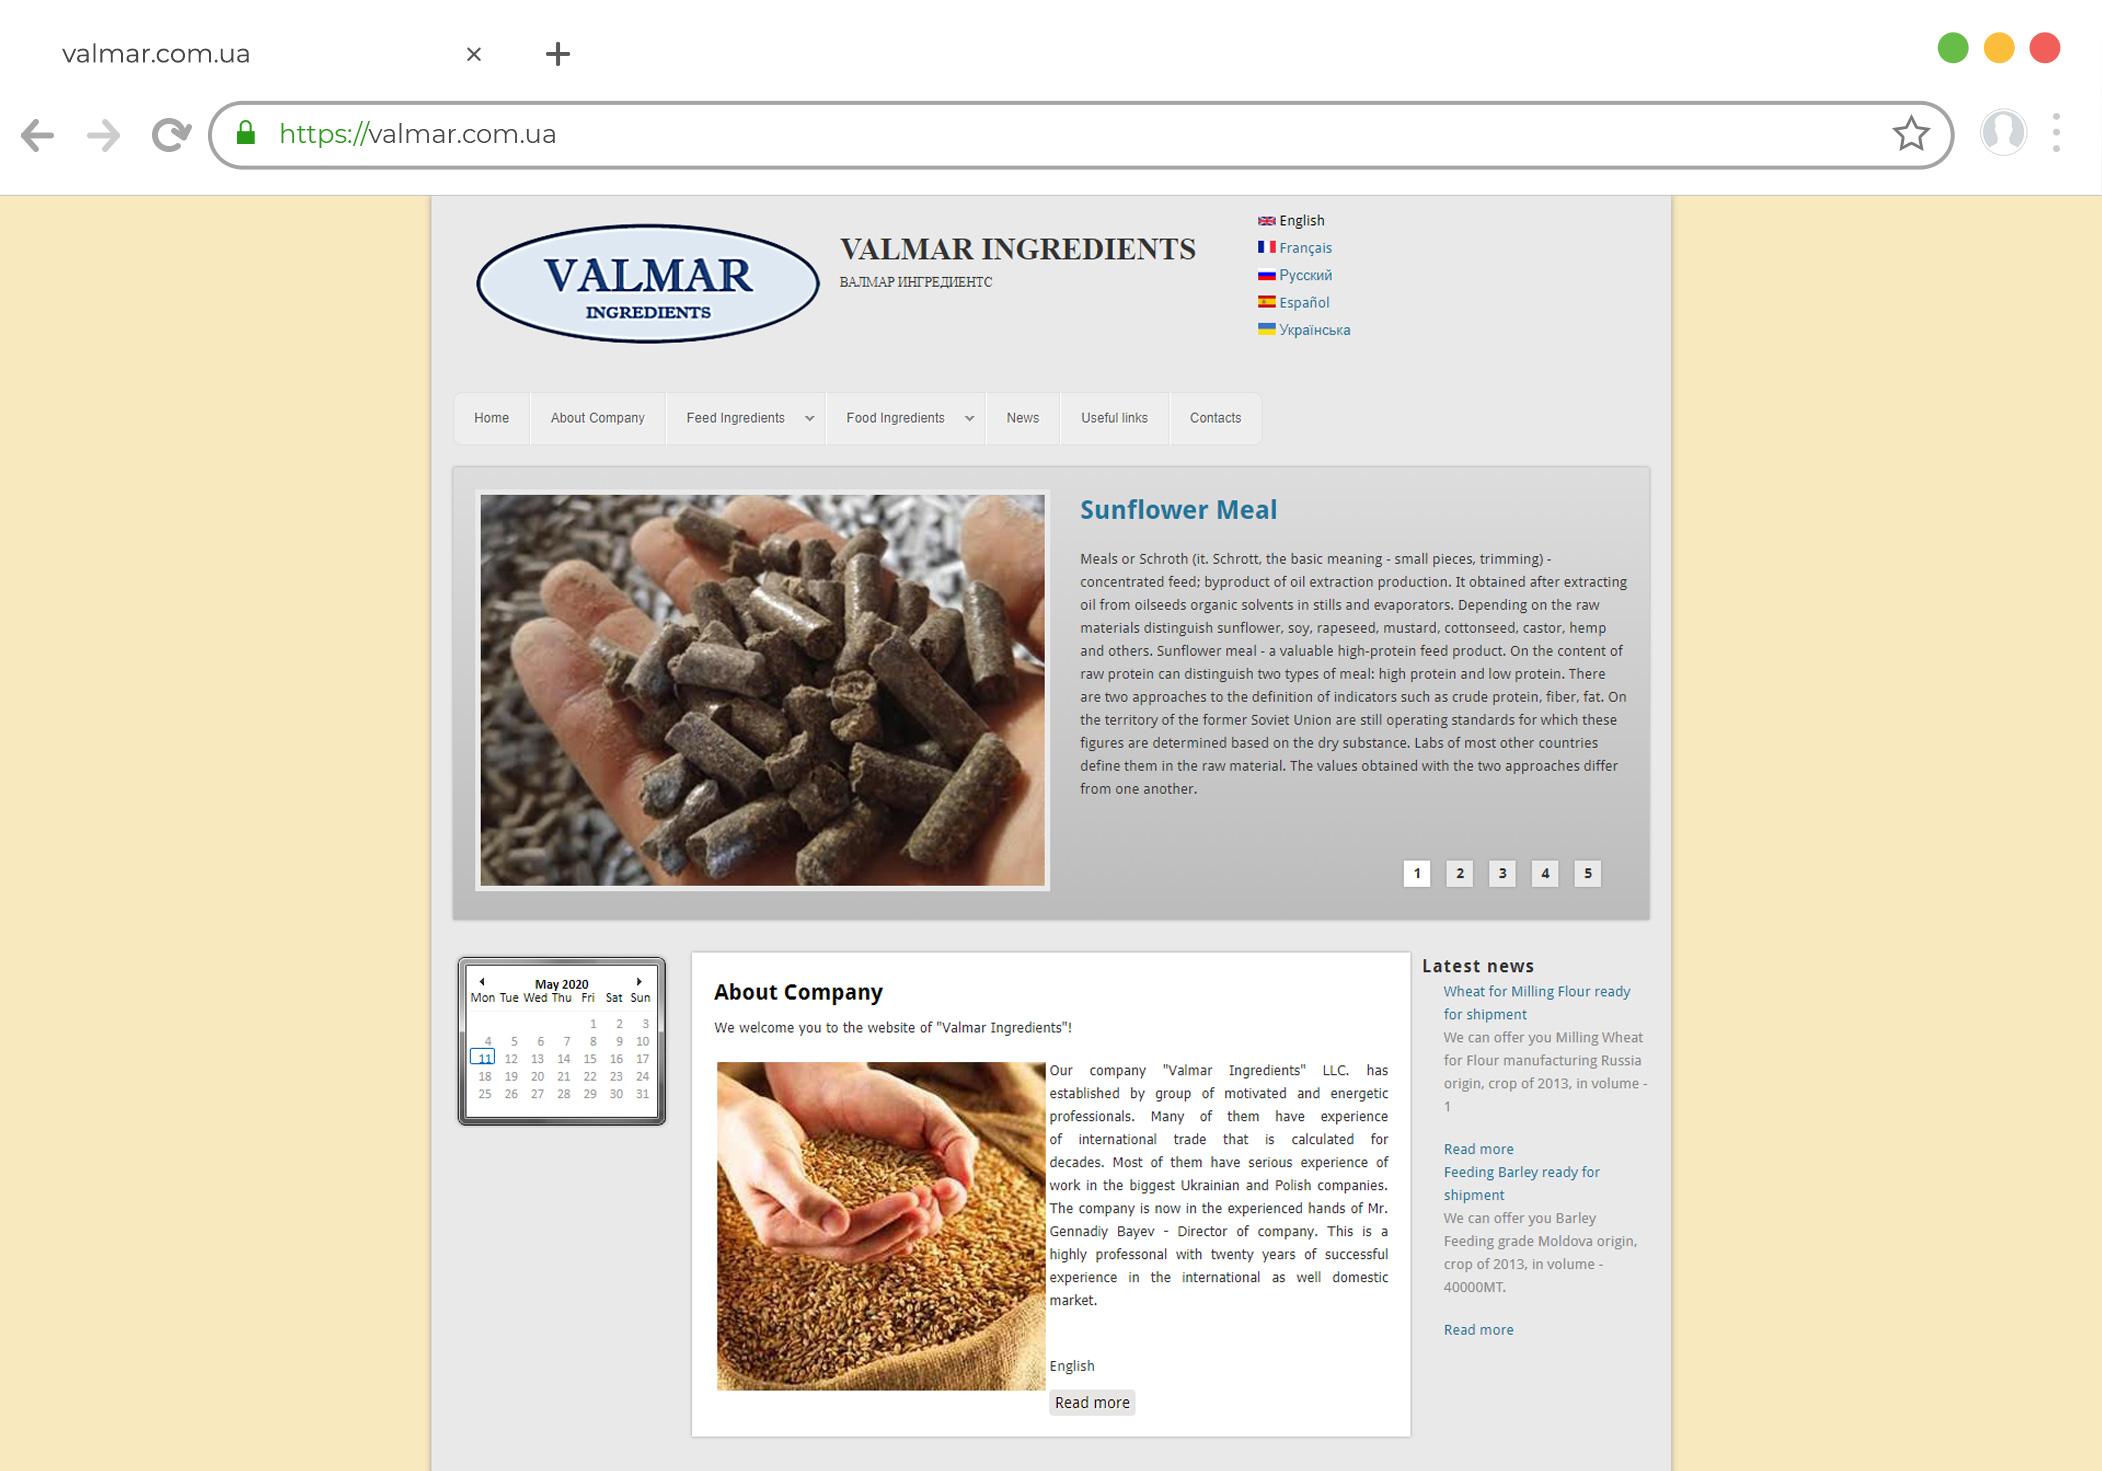 Разработка сайта на Drupal для реализации зерновых культур valmar.com.ua